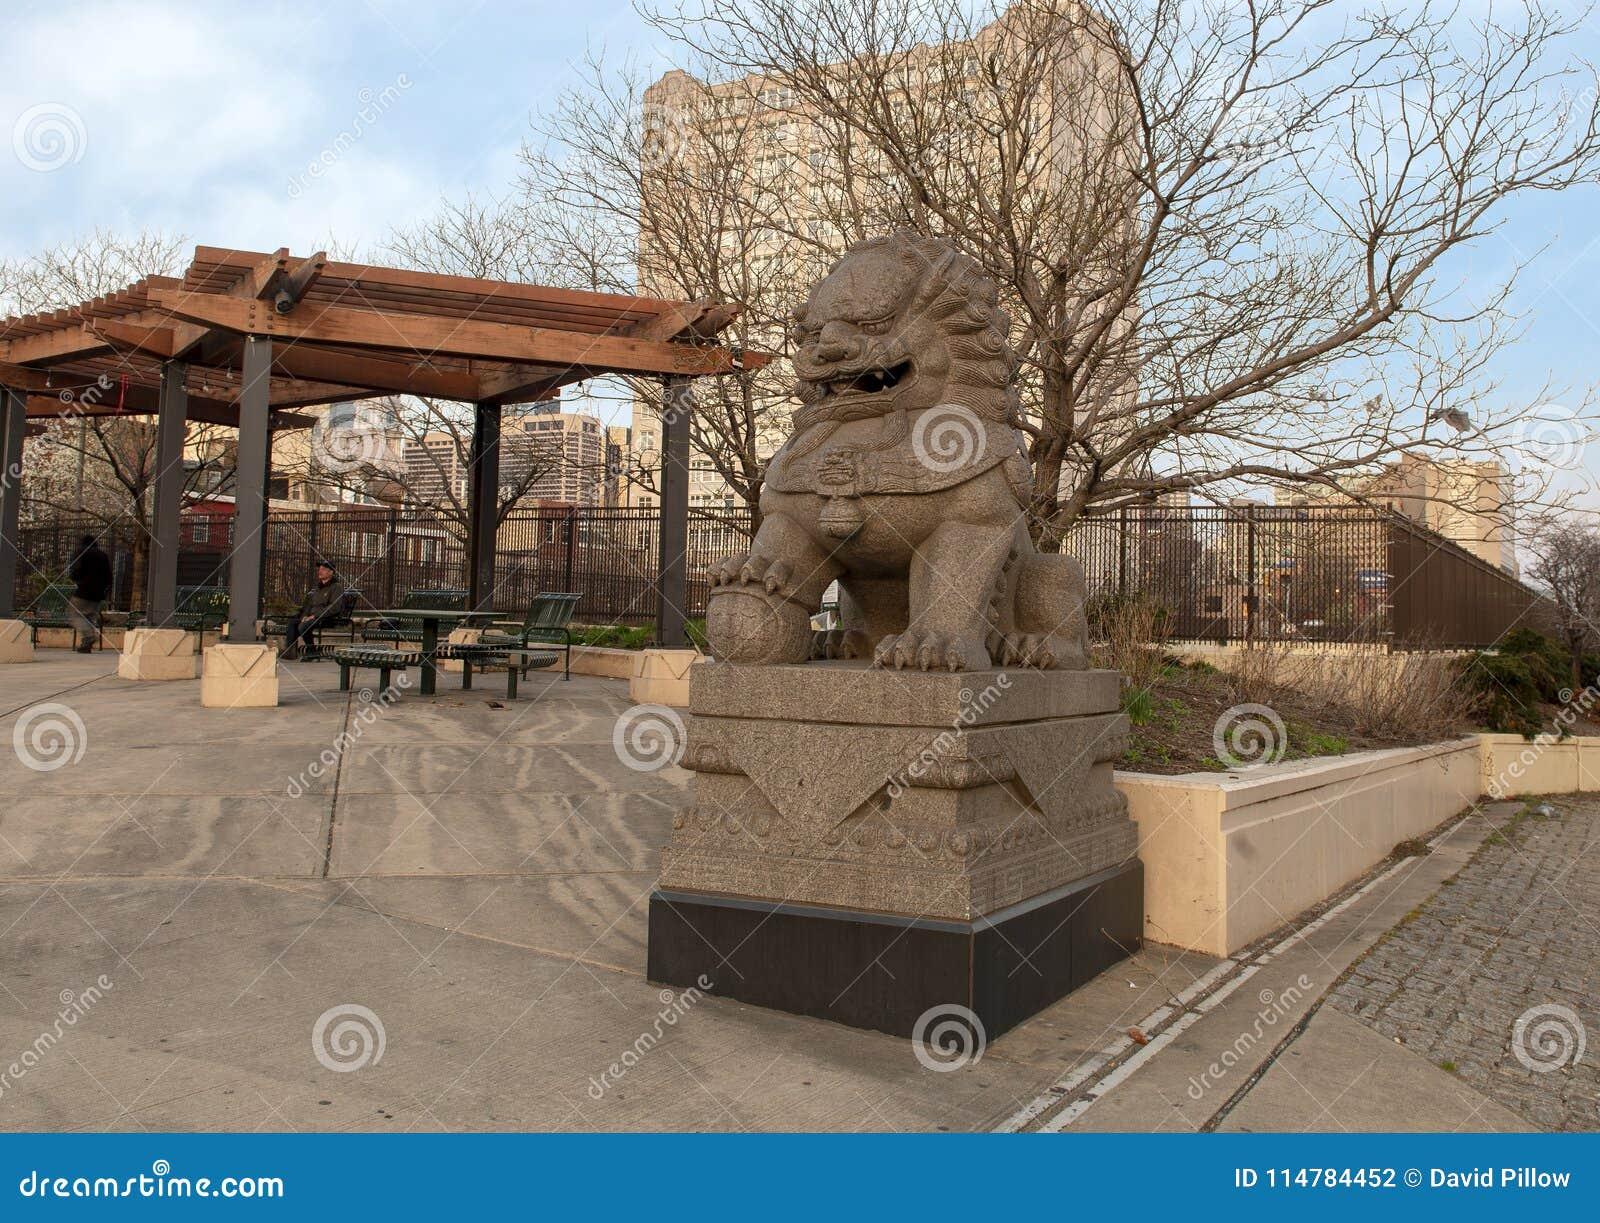 Côté nord masculin de sculpture en Foo Dog de 10ème plaza de rue, Philadelphie, Pennsylvanie